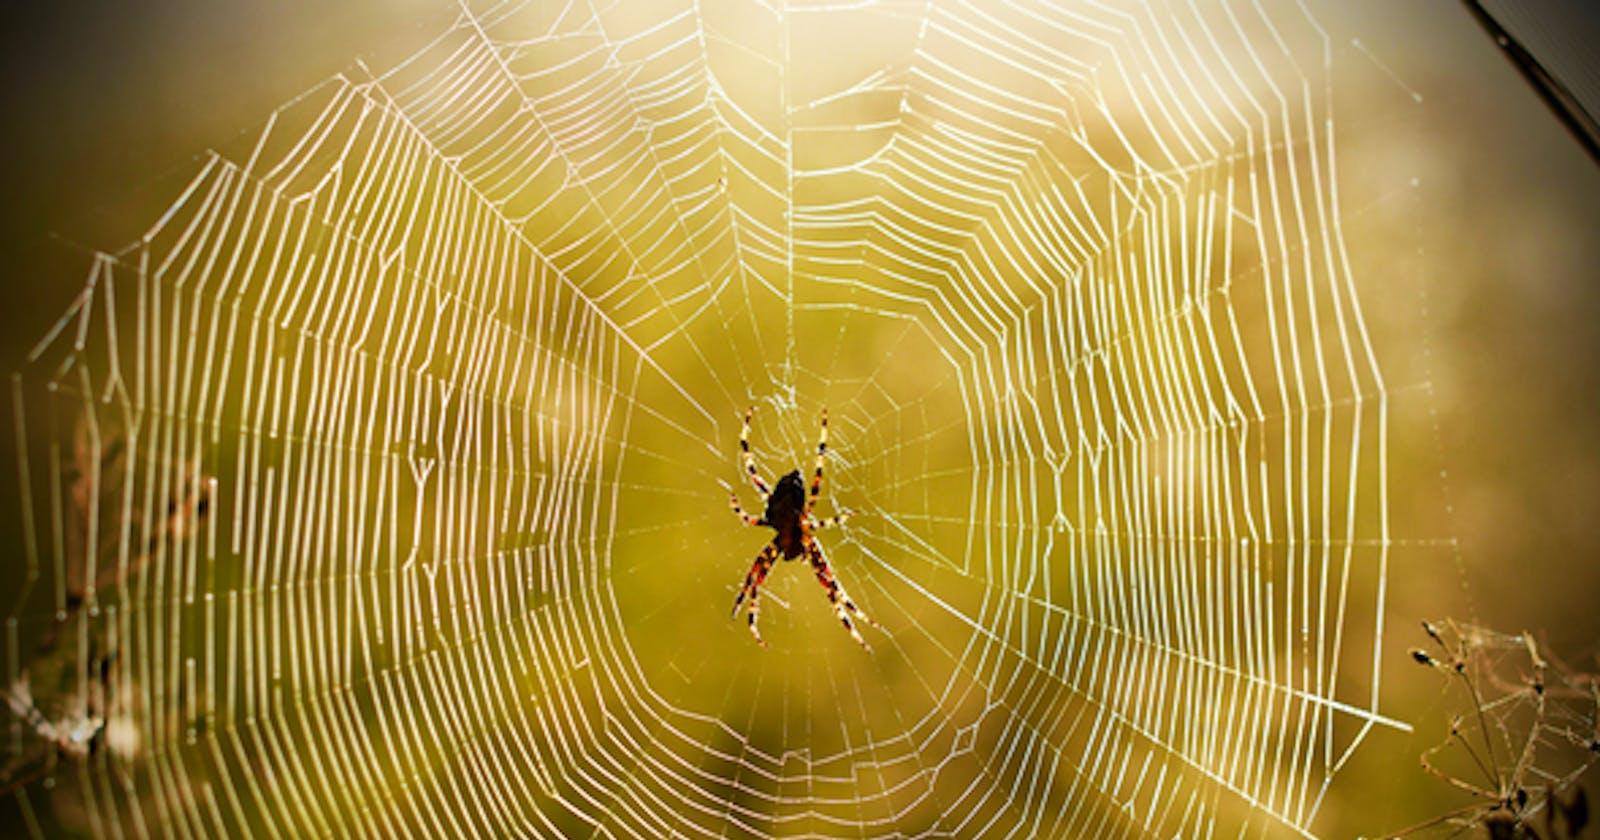 Scrapy - your neighborhood spider!